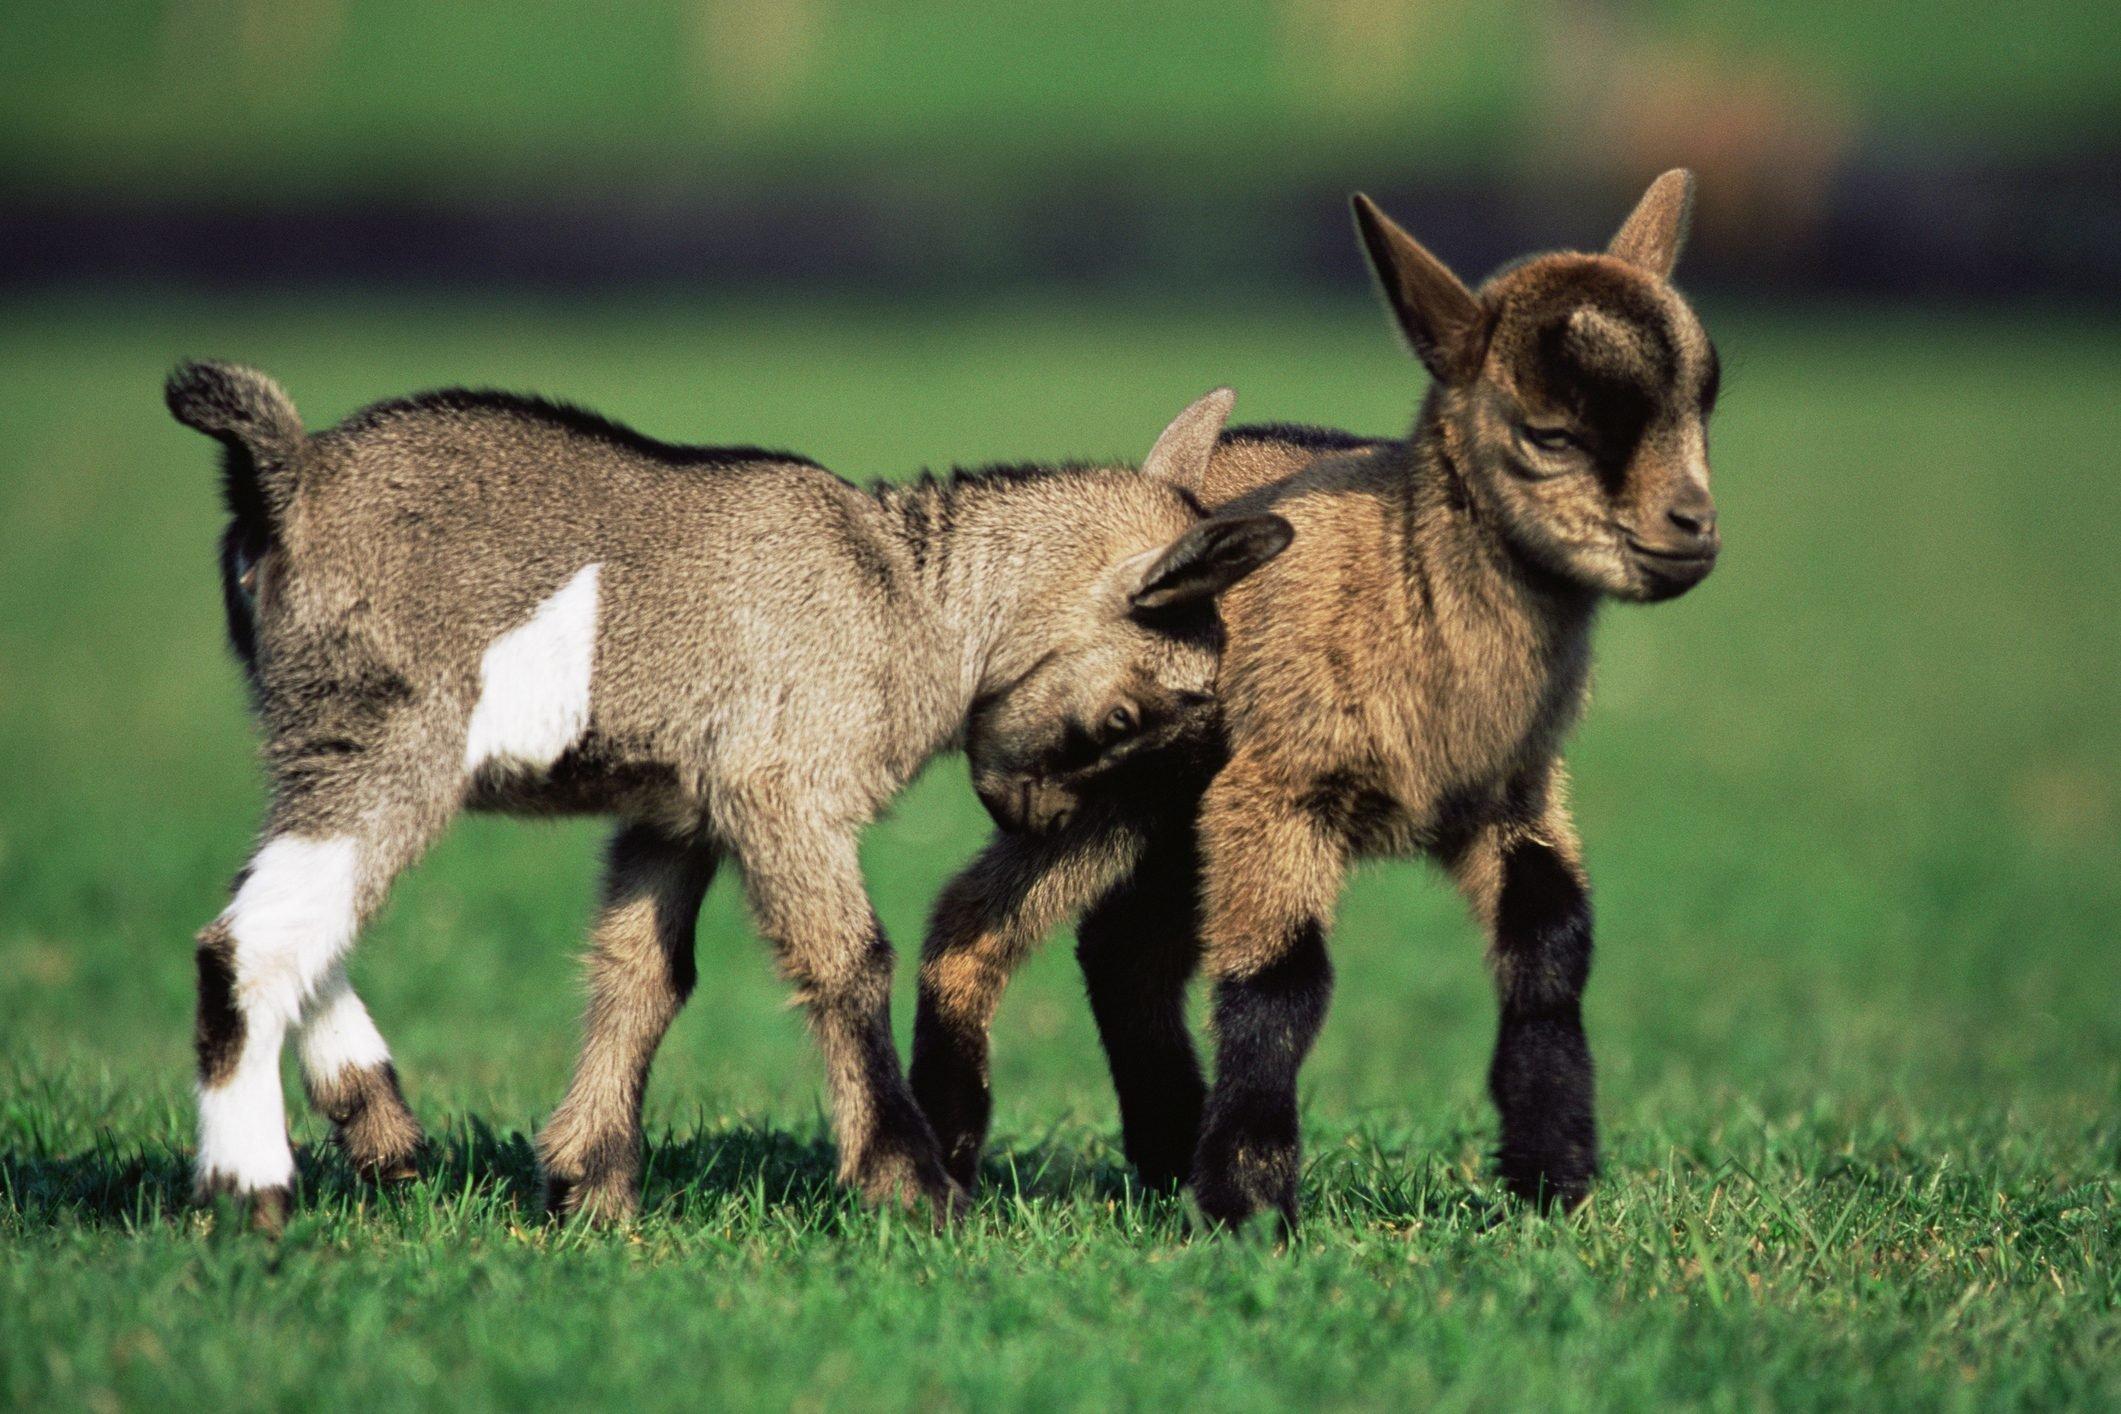 Two kid goats in field